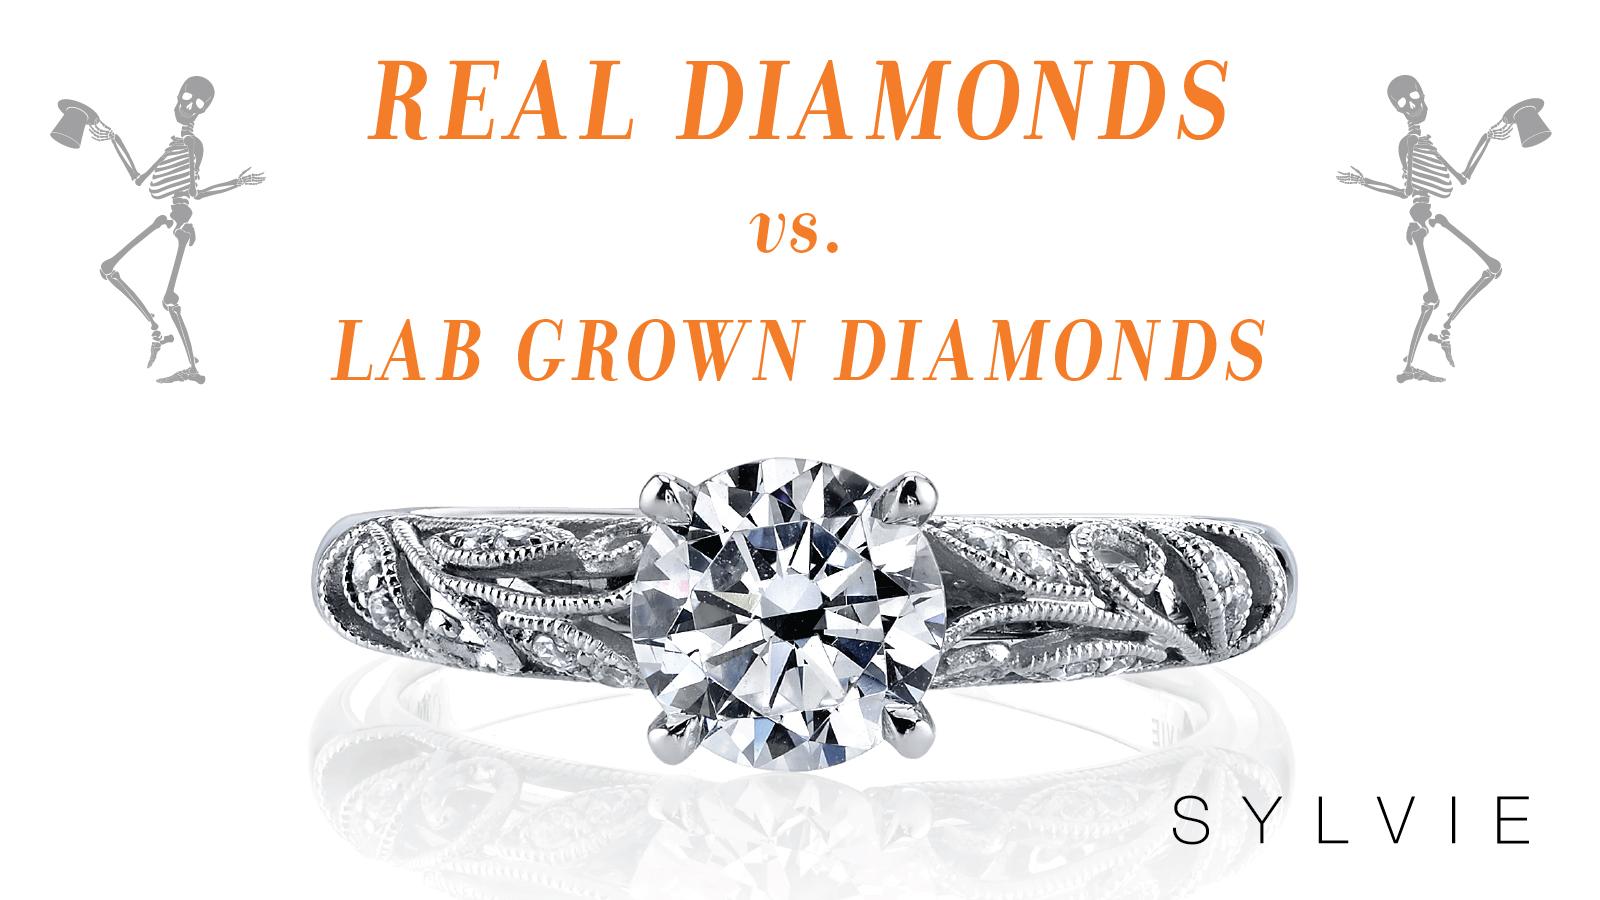 Real Diamonds vs Lab Grown Diamonds - Sylvie